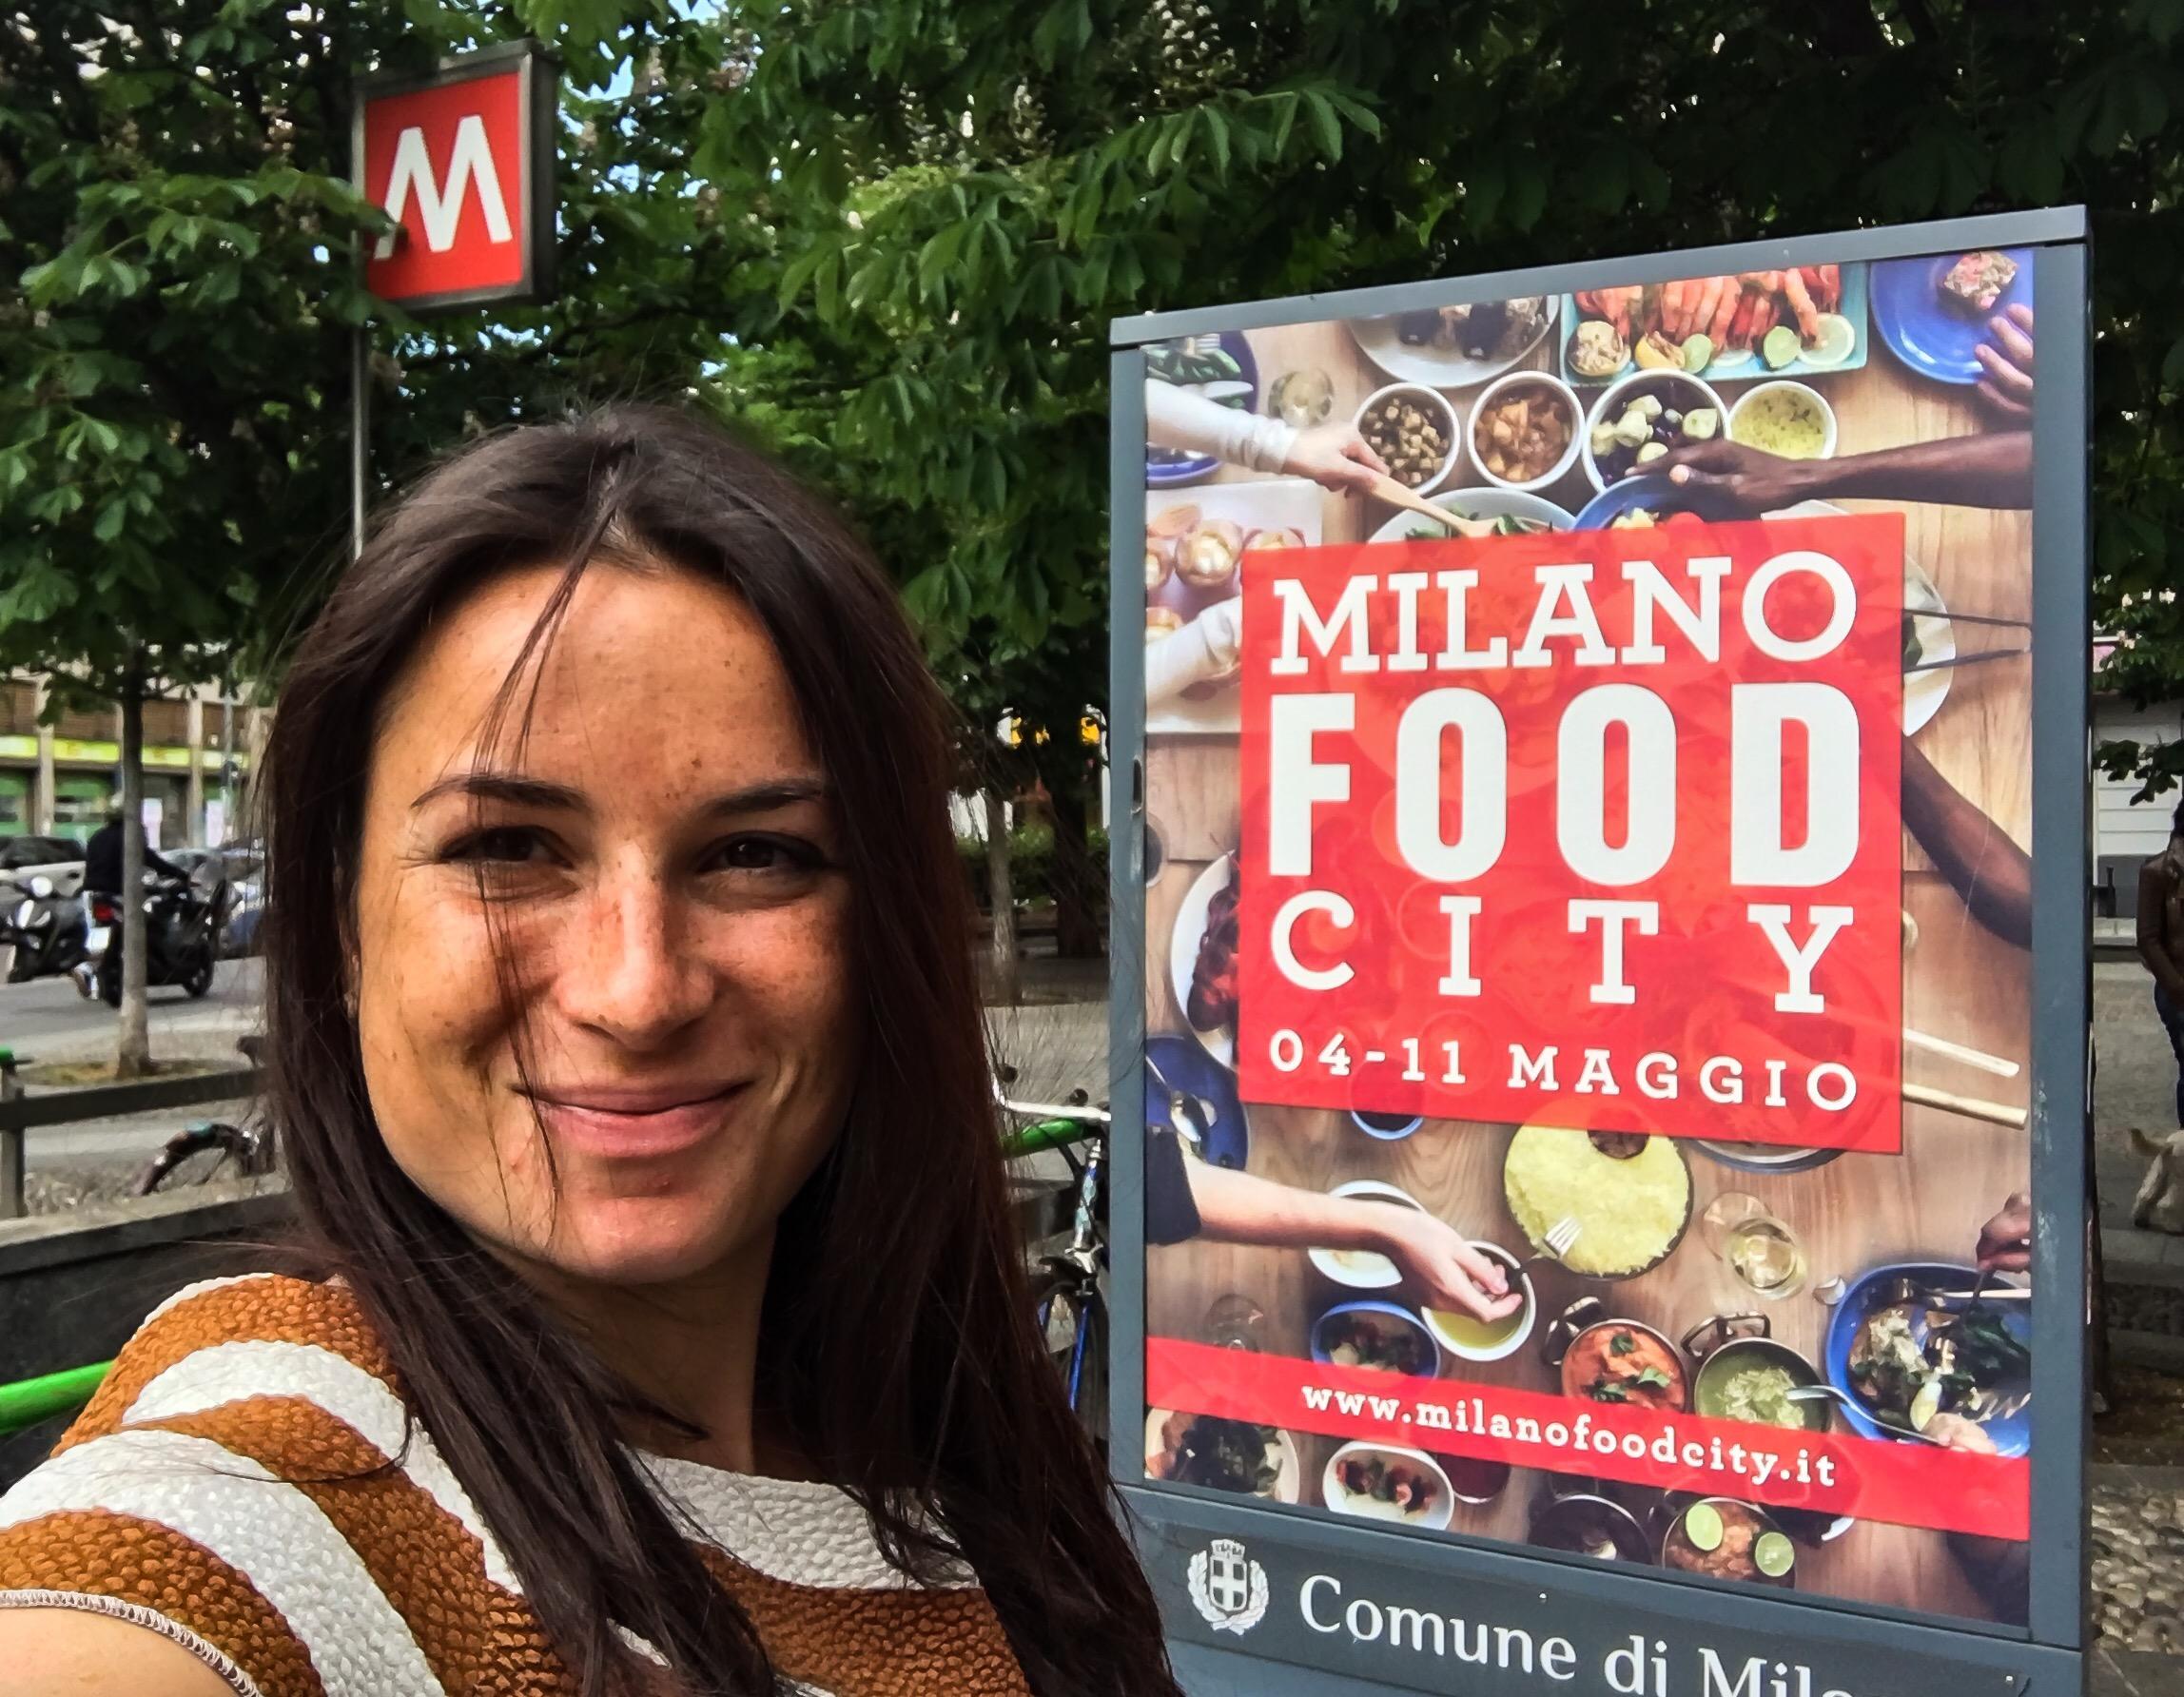 Corri con Running Motivator a Foodicola, 4-11 maggio, Milano